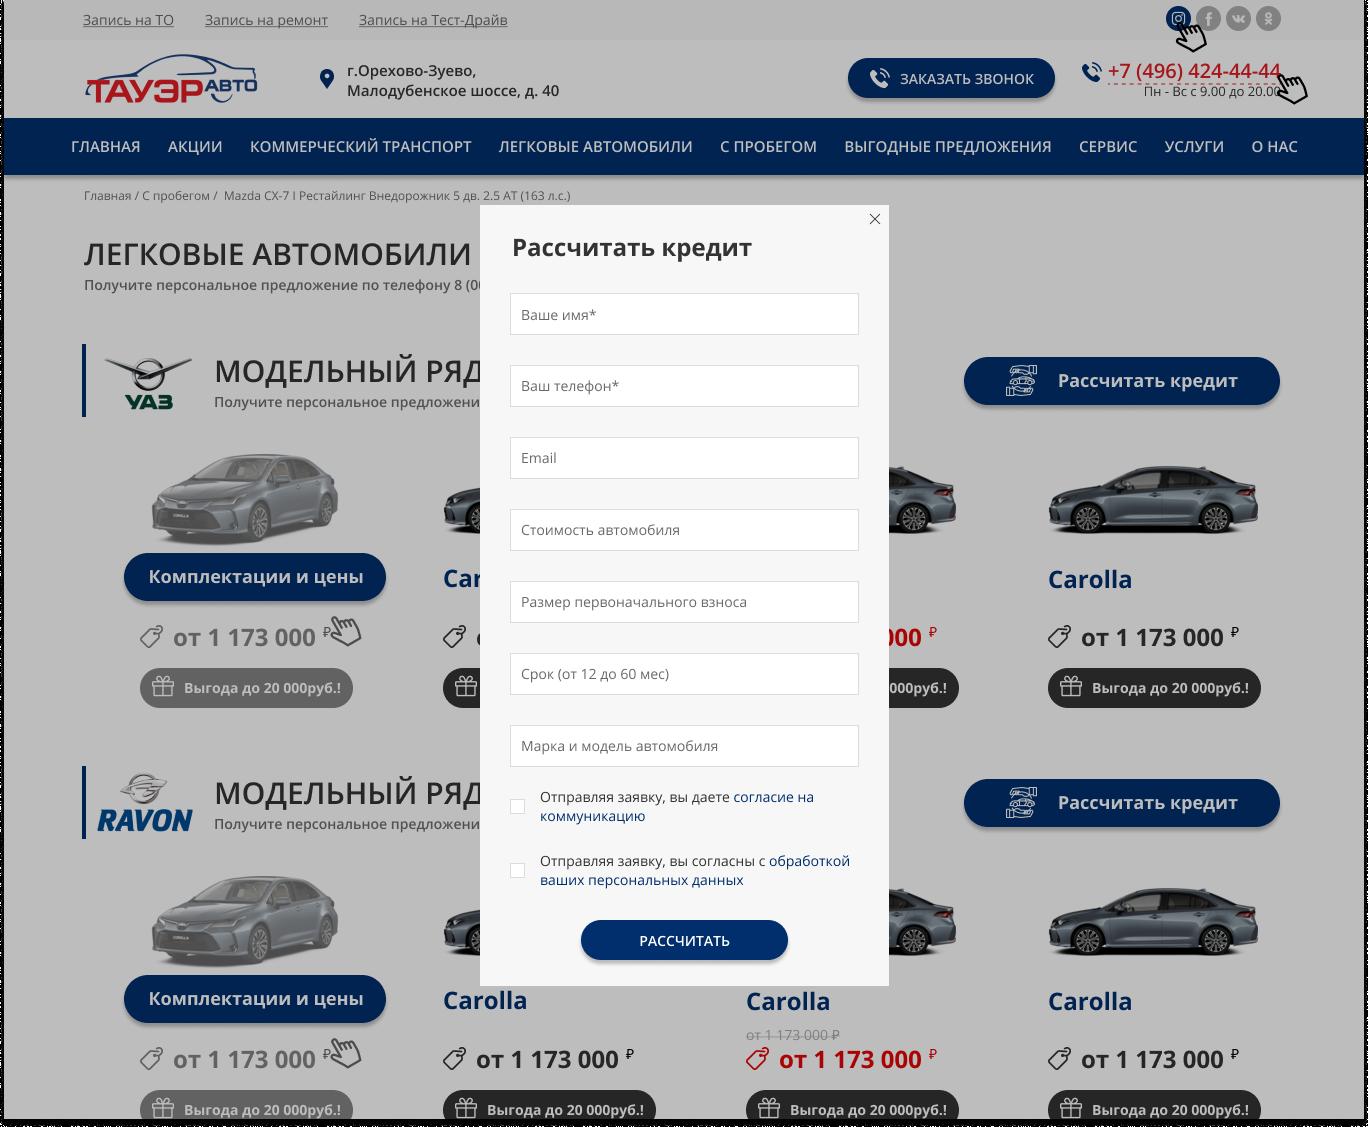 Макет сайта Автосалон ТАУЭР ЛТД 17